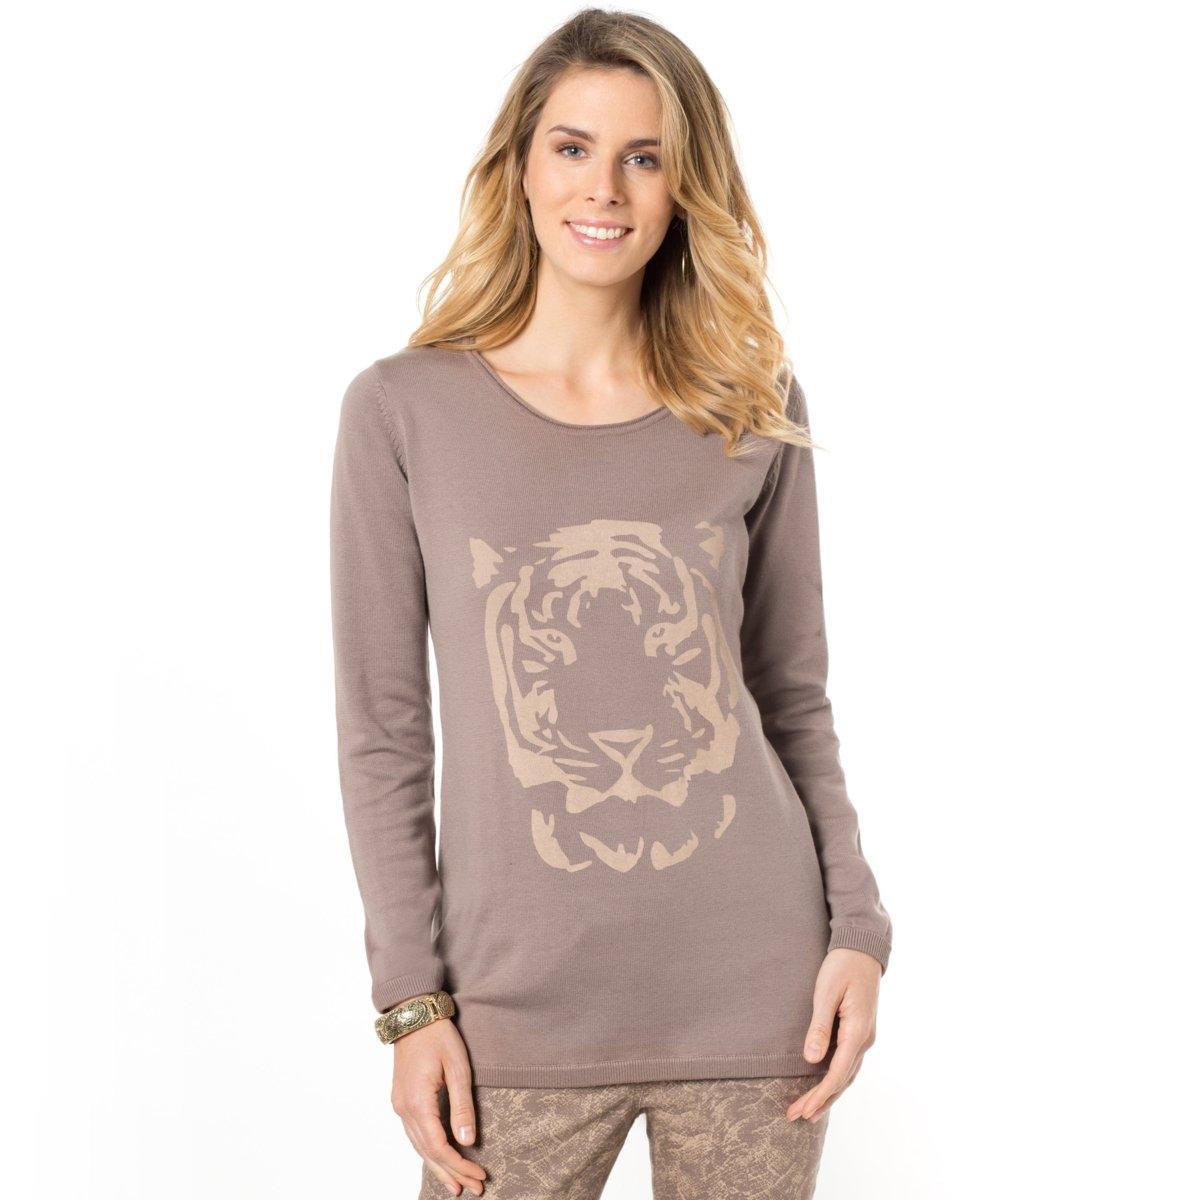 Пуловер, 50% хлопкаКруглый вырез. Принт спереди. Длинные рукава, уменьшенные проймы. Края в рубчик 1x1. Округлый низ с небольшими боковыми сборками. Длина 68 см. Трикотаж из 50% хлопка и 50% акрила.<br><br>Цвет: серо-коричневый<br>Размер: 50/52 (FR) - 56/58 (RUS)